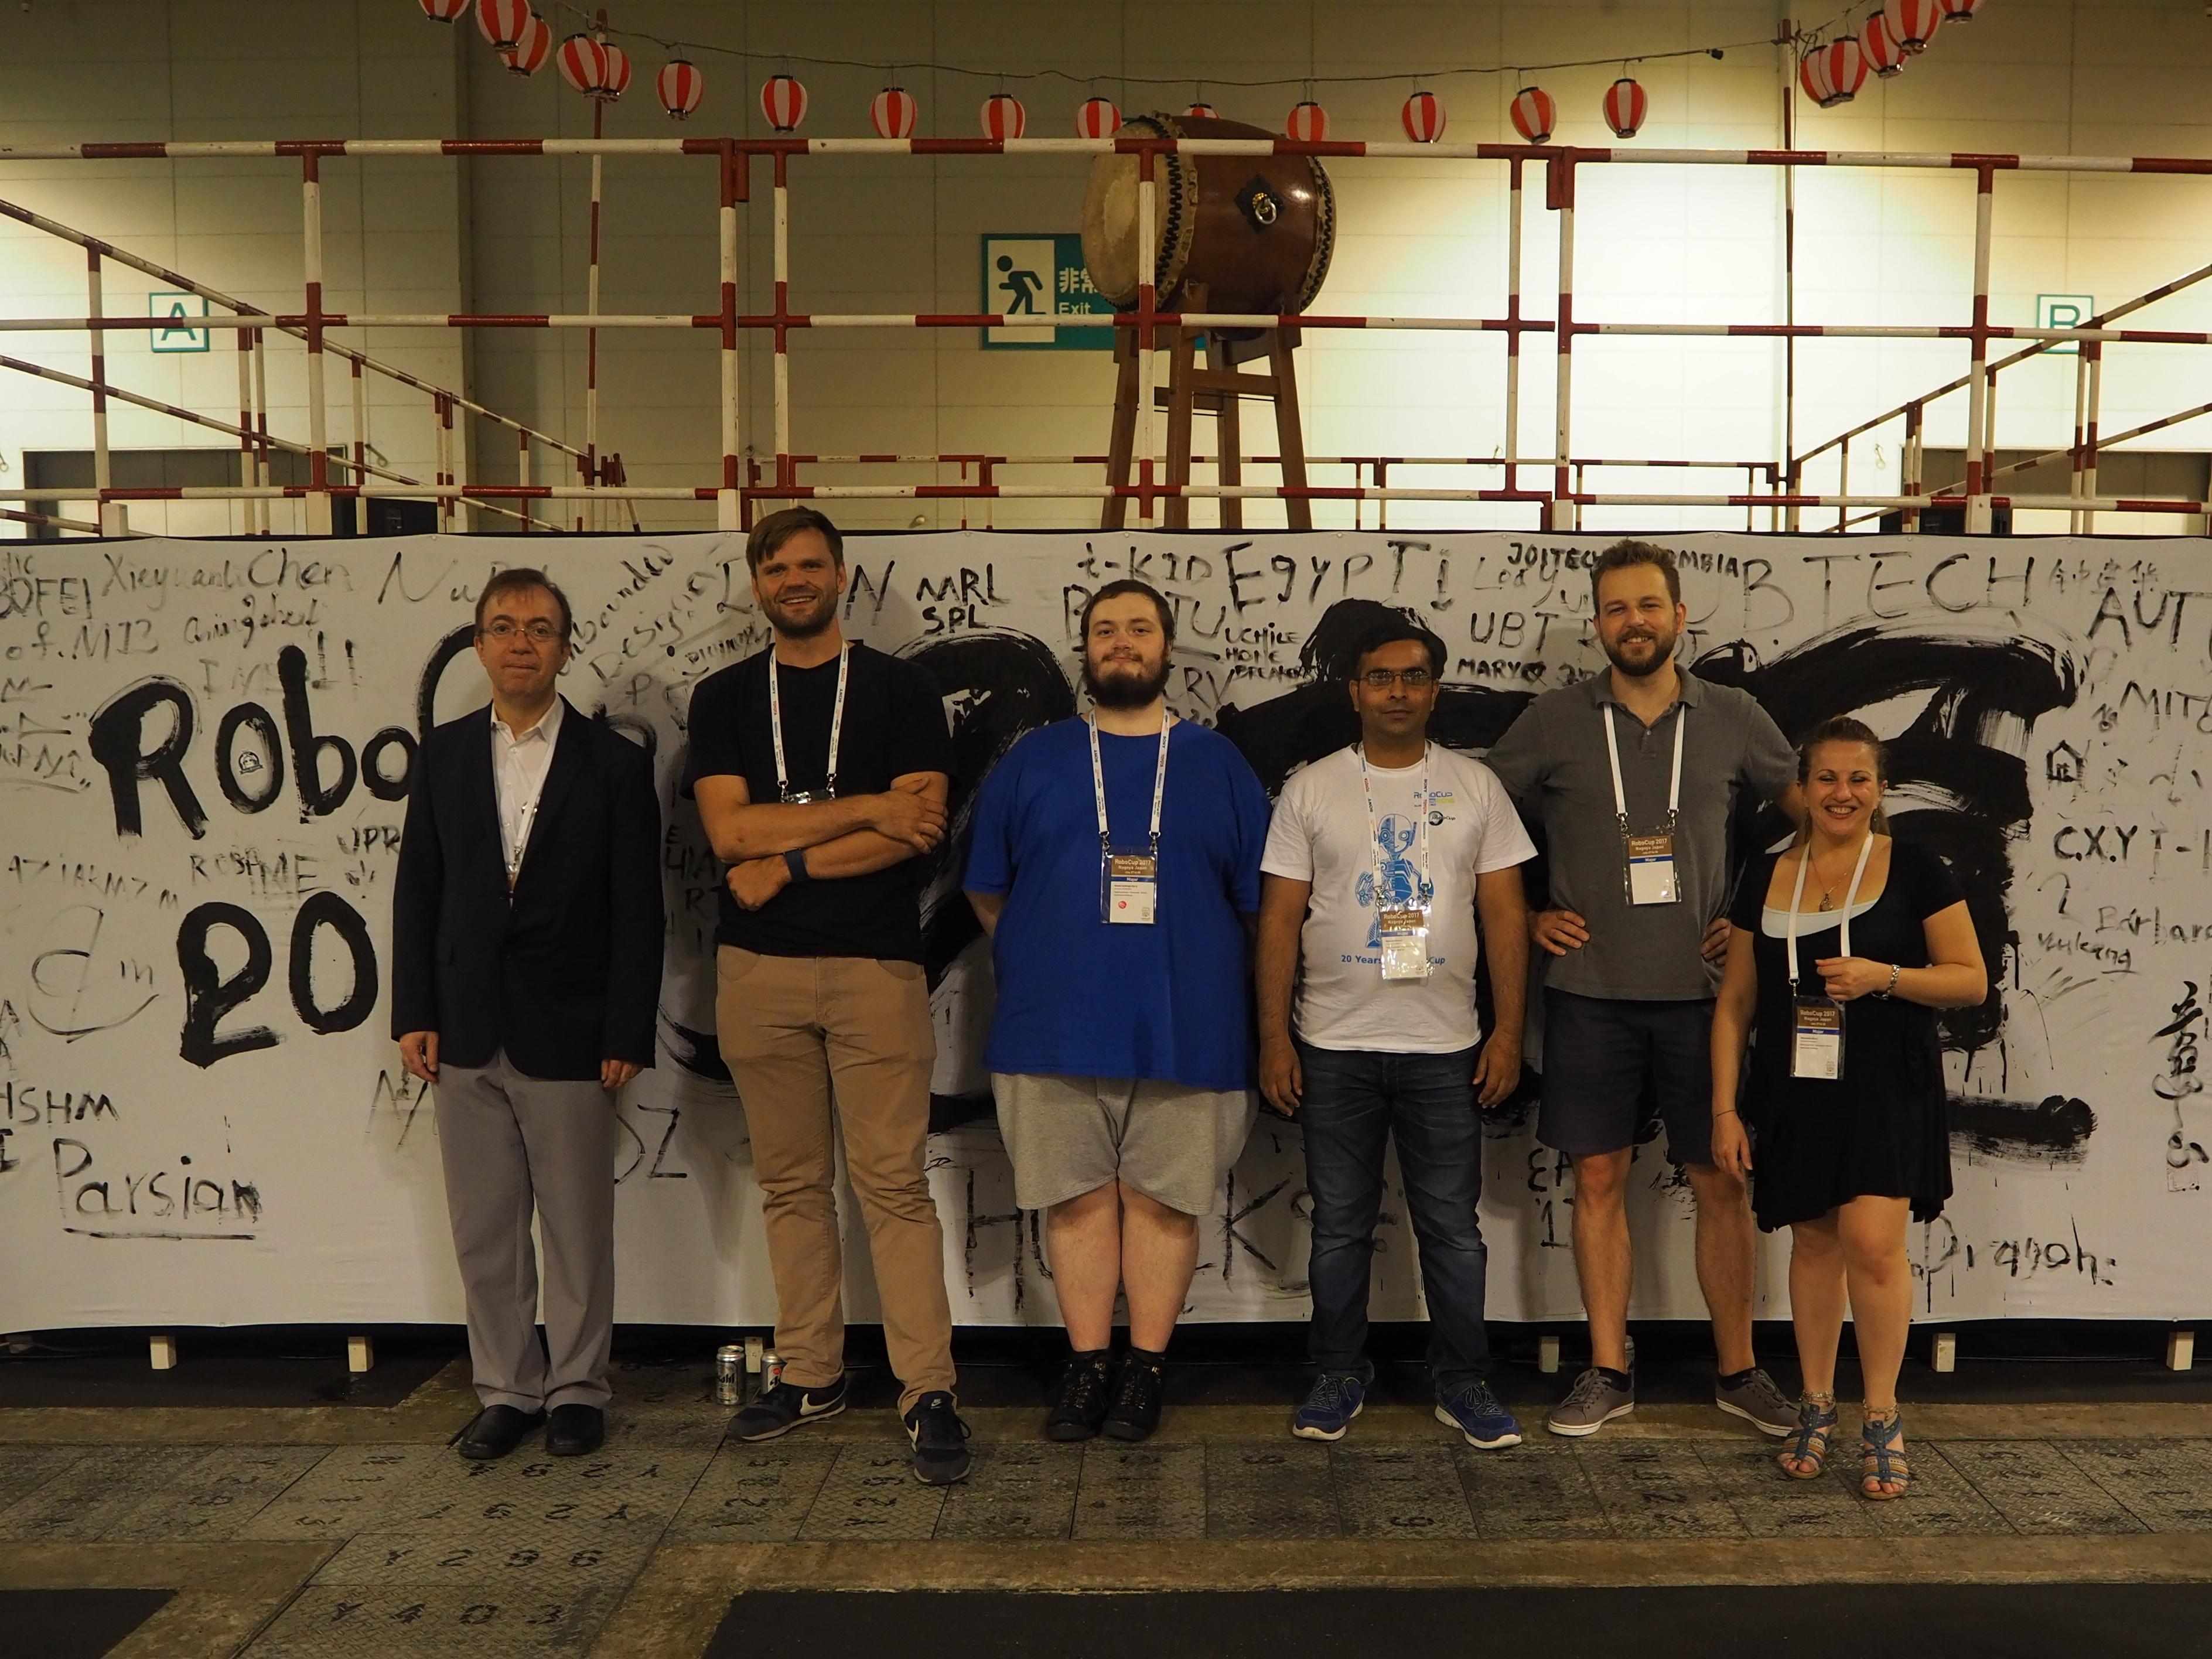 BoldHearts team at the RoboCup 2017 in Japan / Nagoya